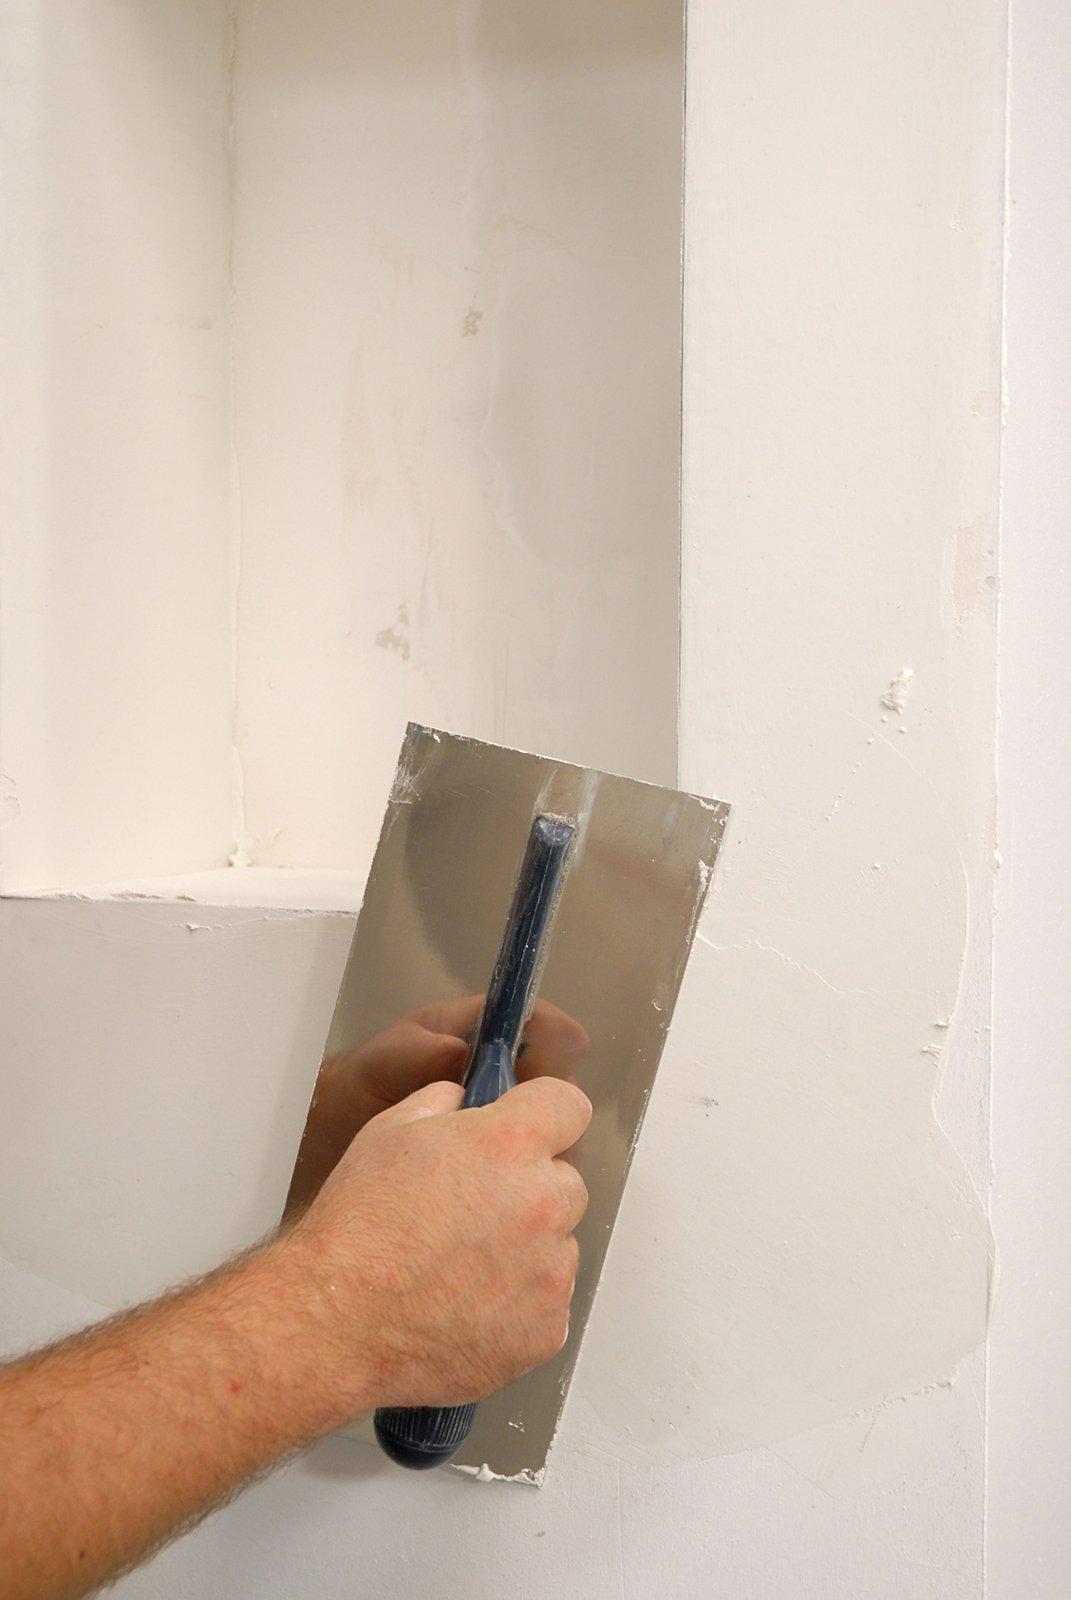 Intonaco rustico per interni confortevole soggiorno - Chiocciola per intonaco ...